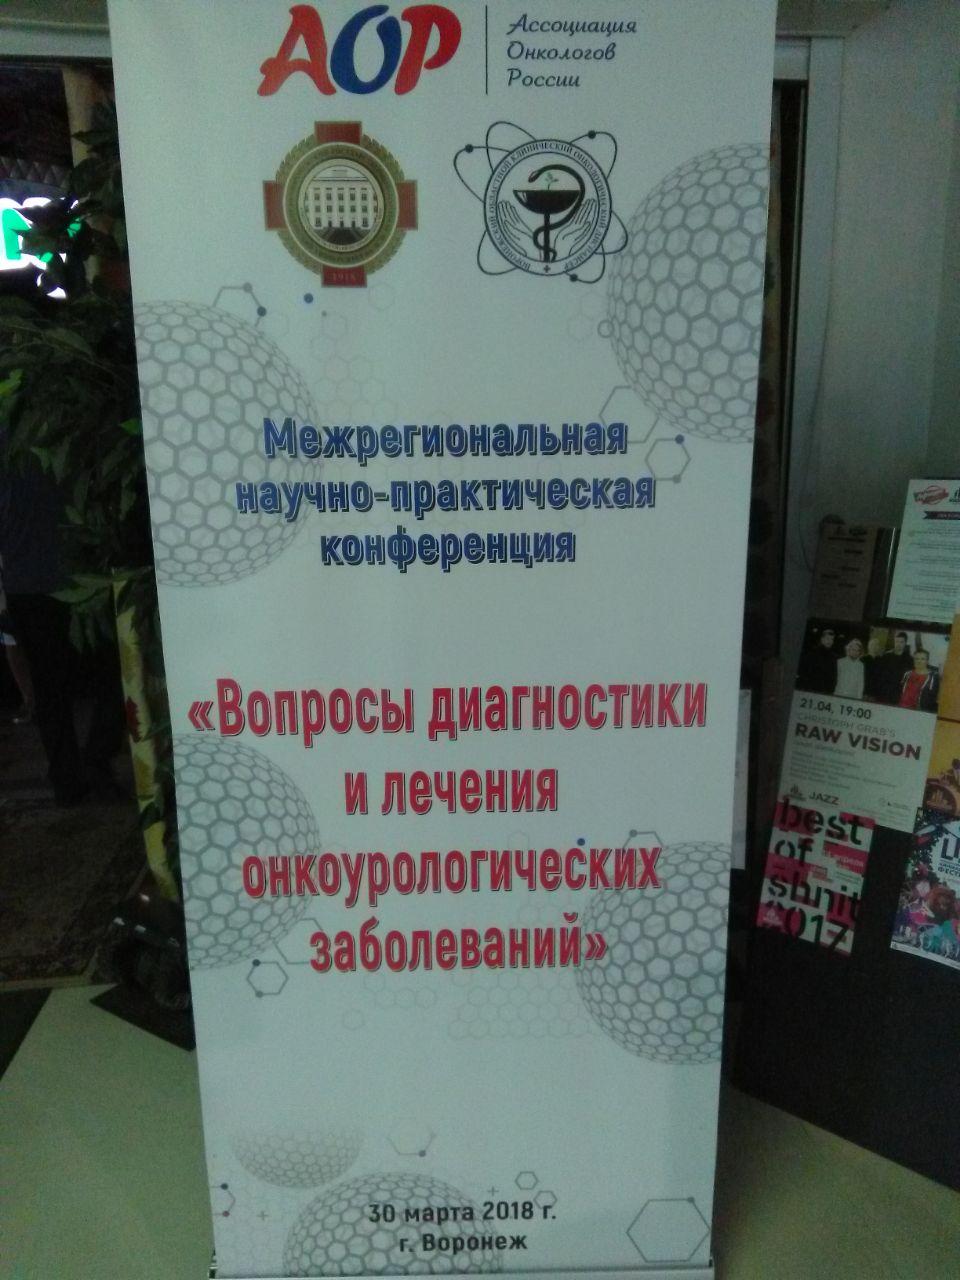 Межрегиональная научно-практическая конференция «Вопросы диагностики и лечения онкоурологических заболеваний»